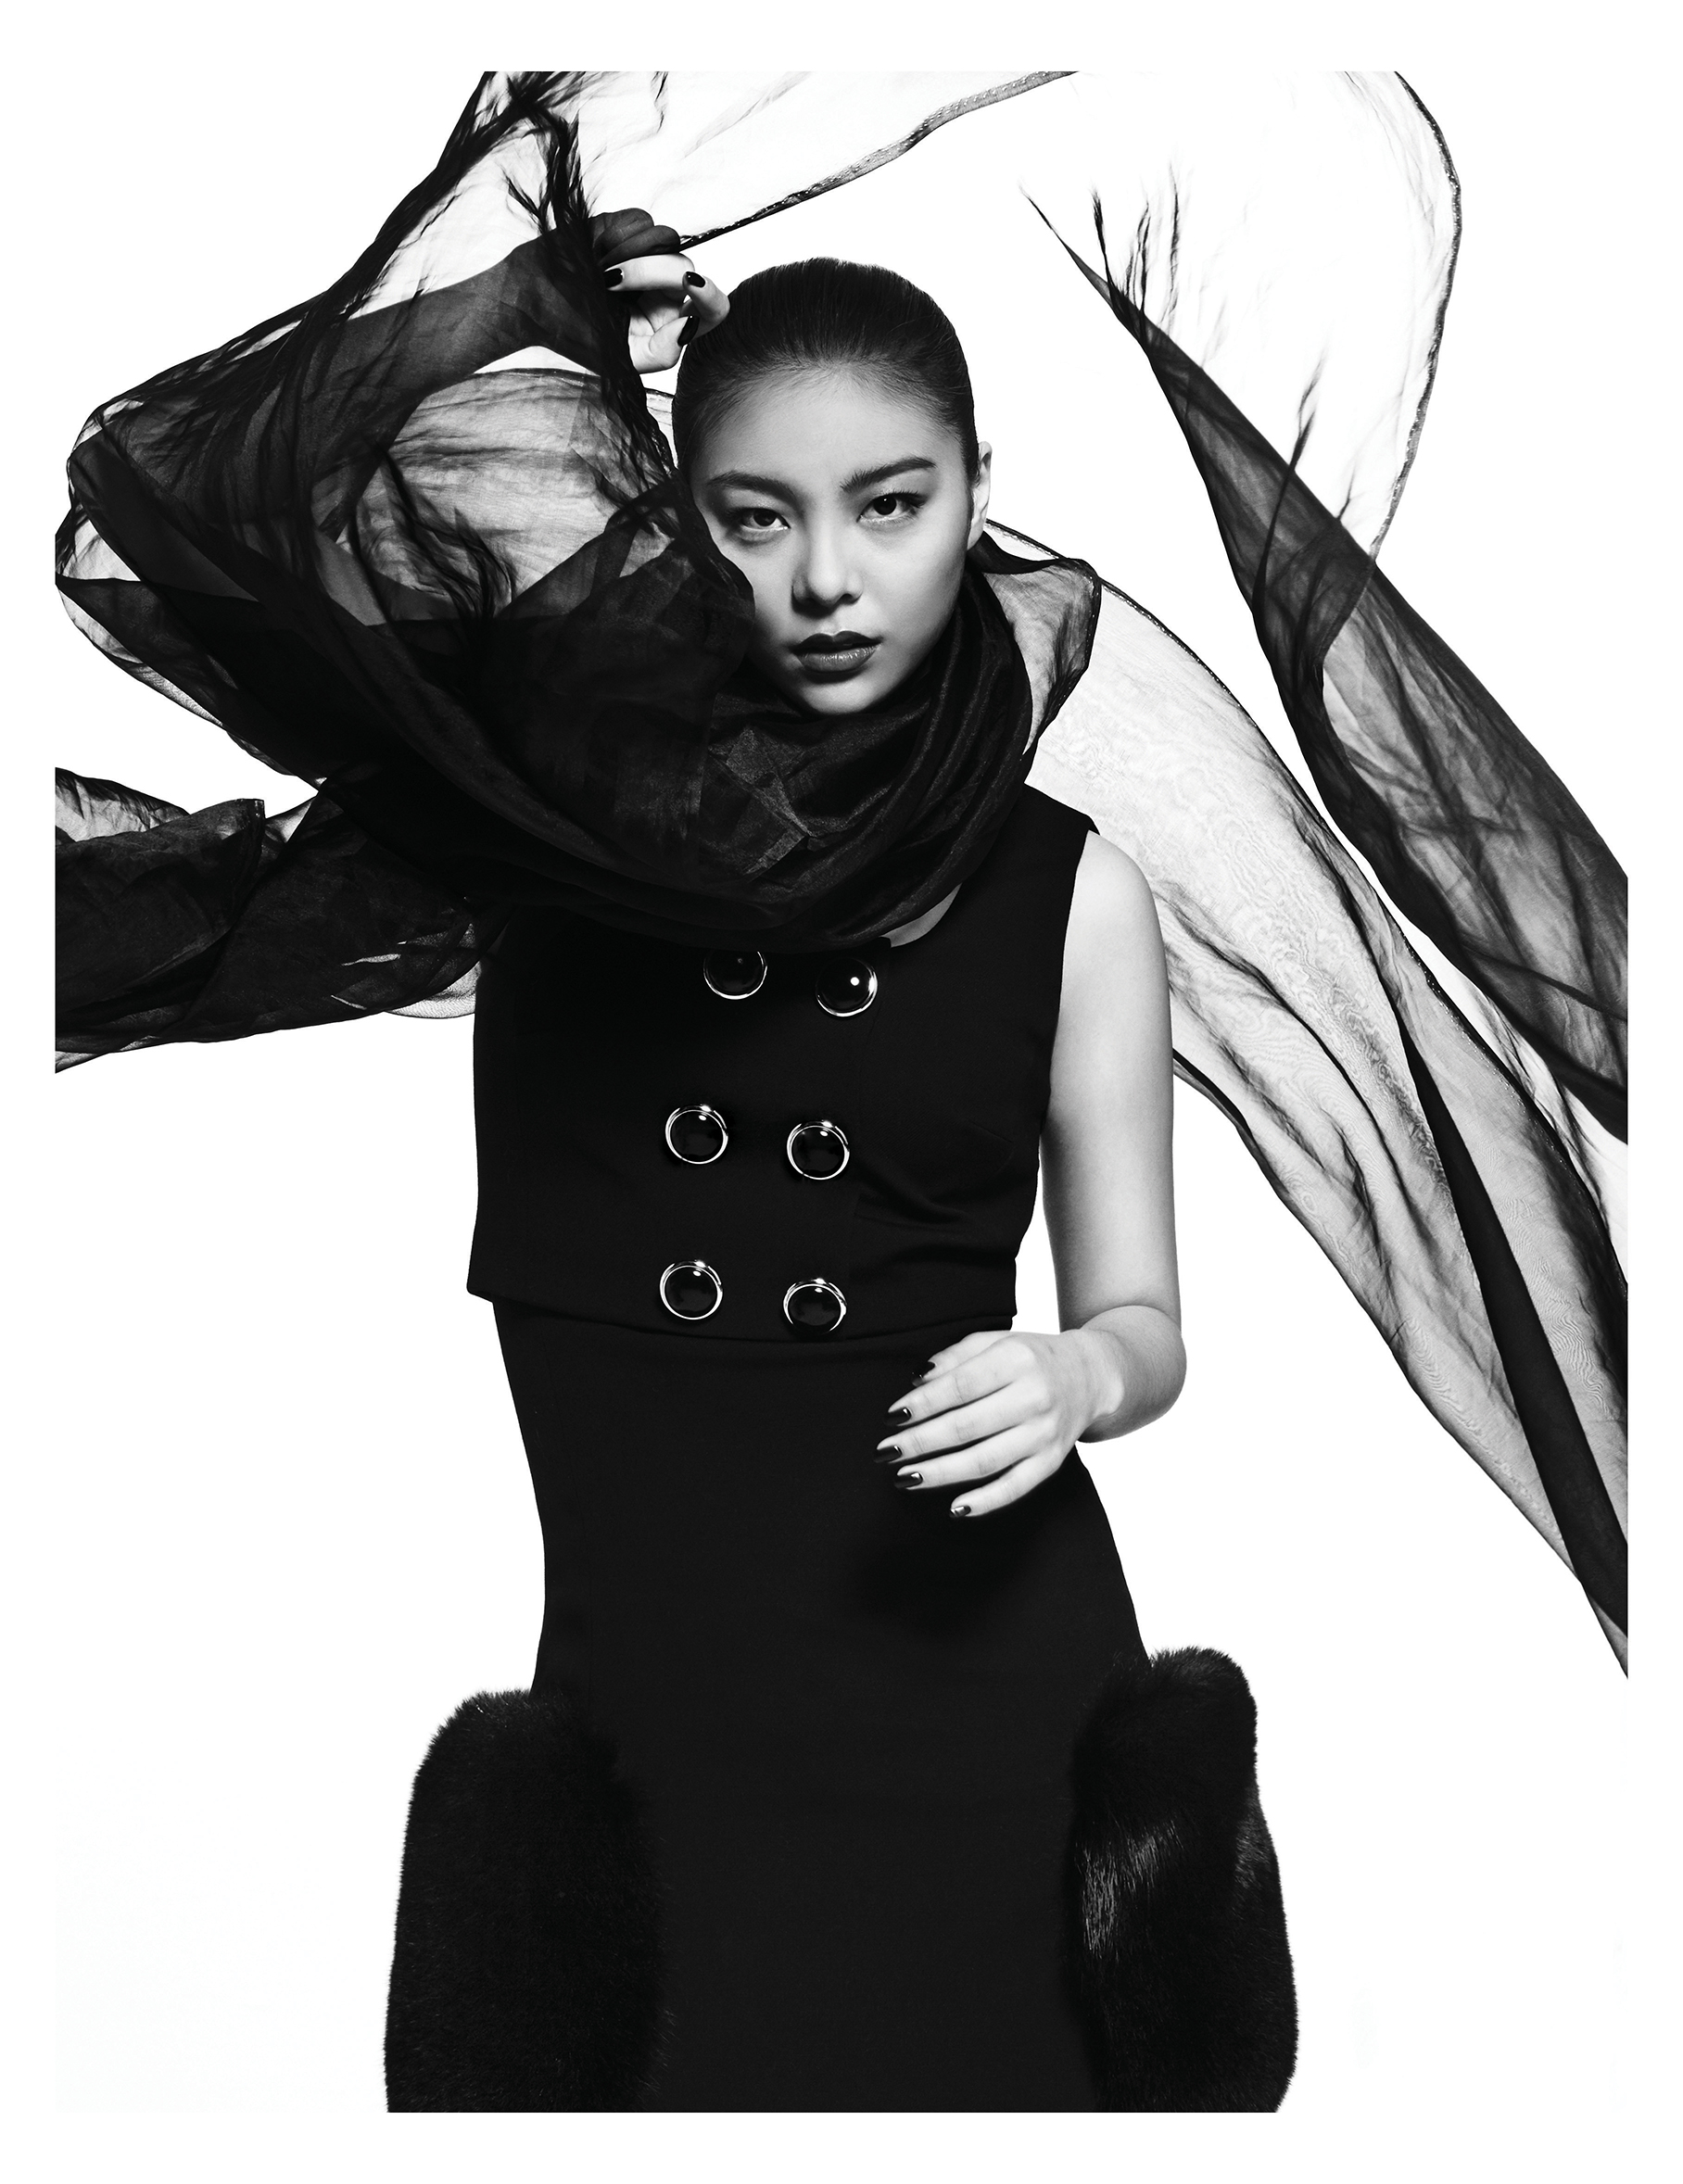 퍼 장식의  드레스는 가격 미정으로  Michael Kors Collection 제품.